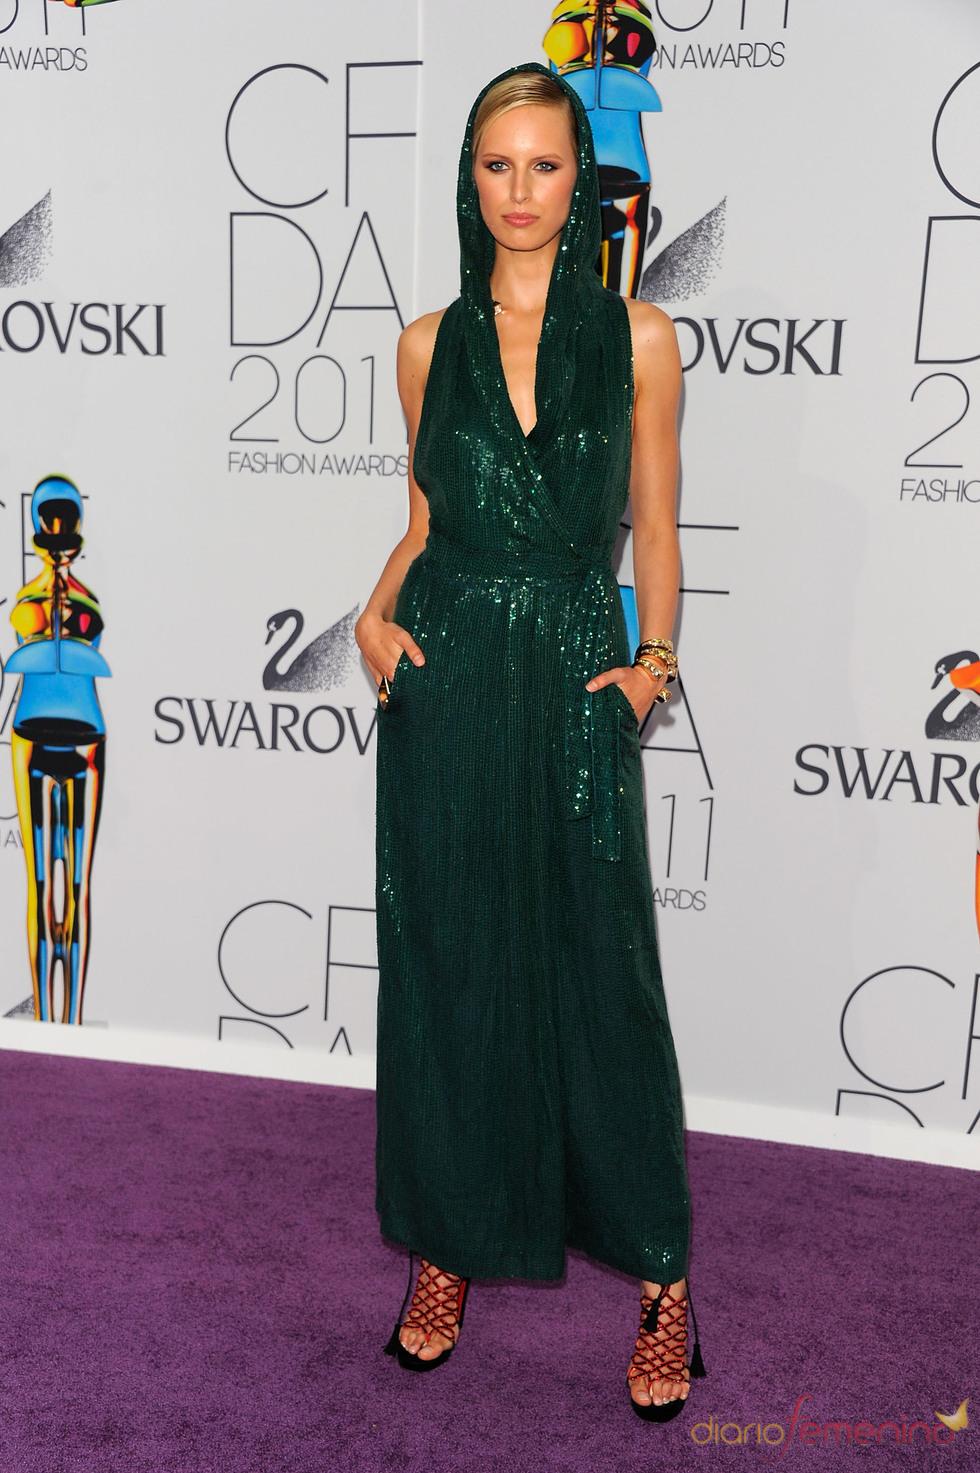 Karolina Kurkova en los Premios de Moda CFDA 2011